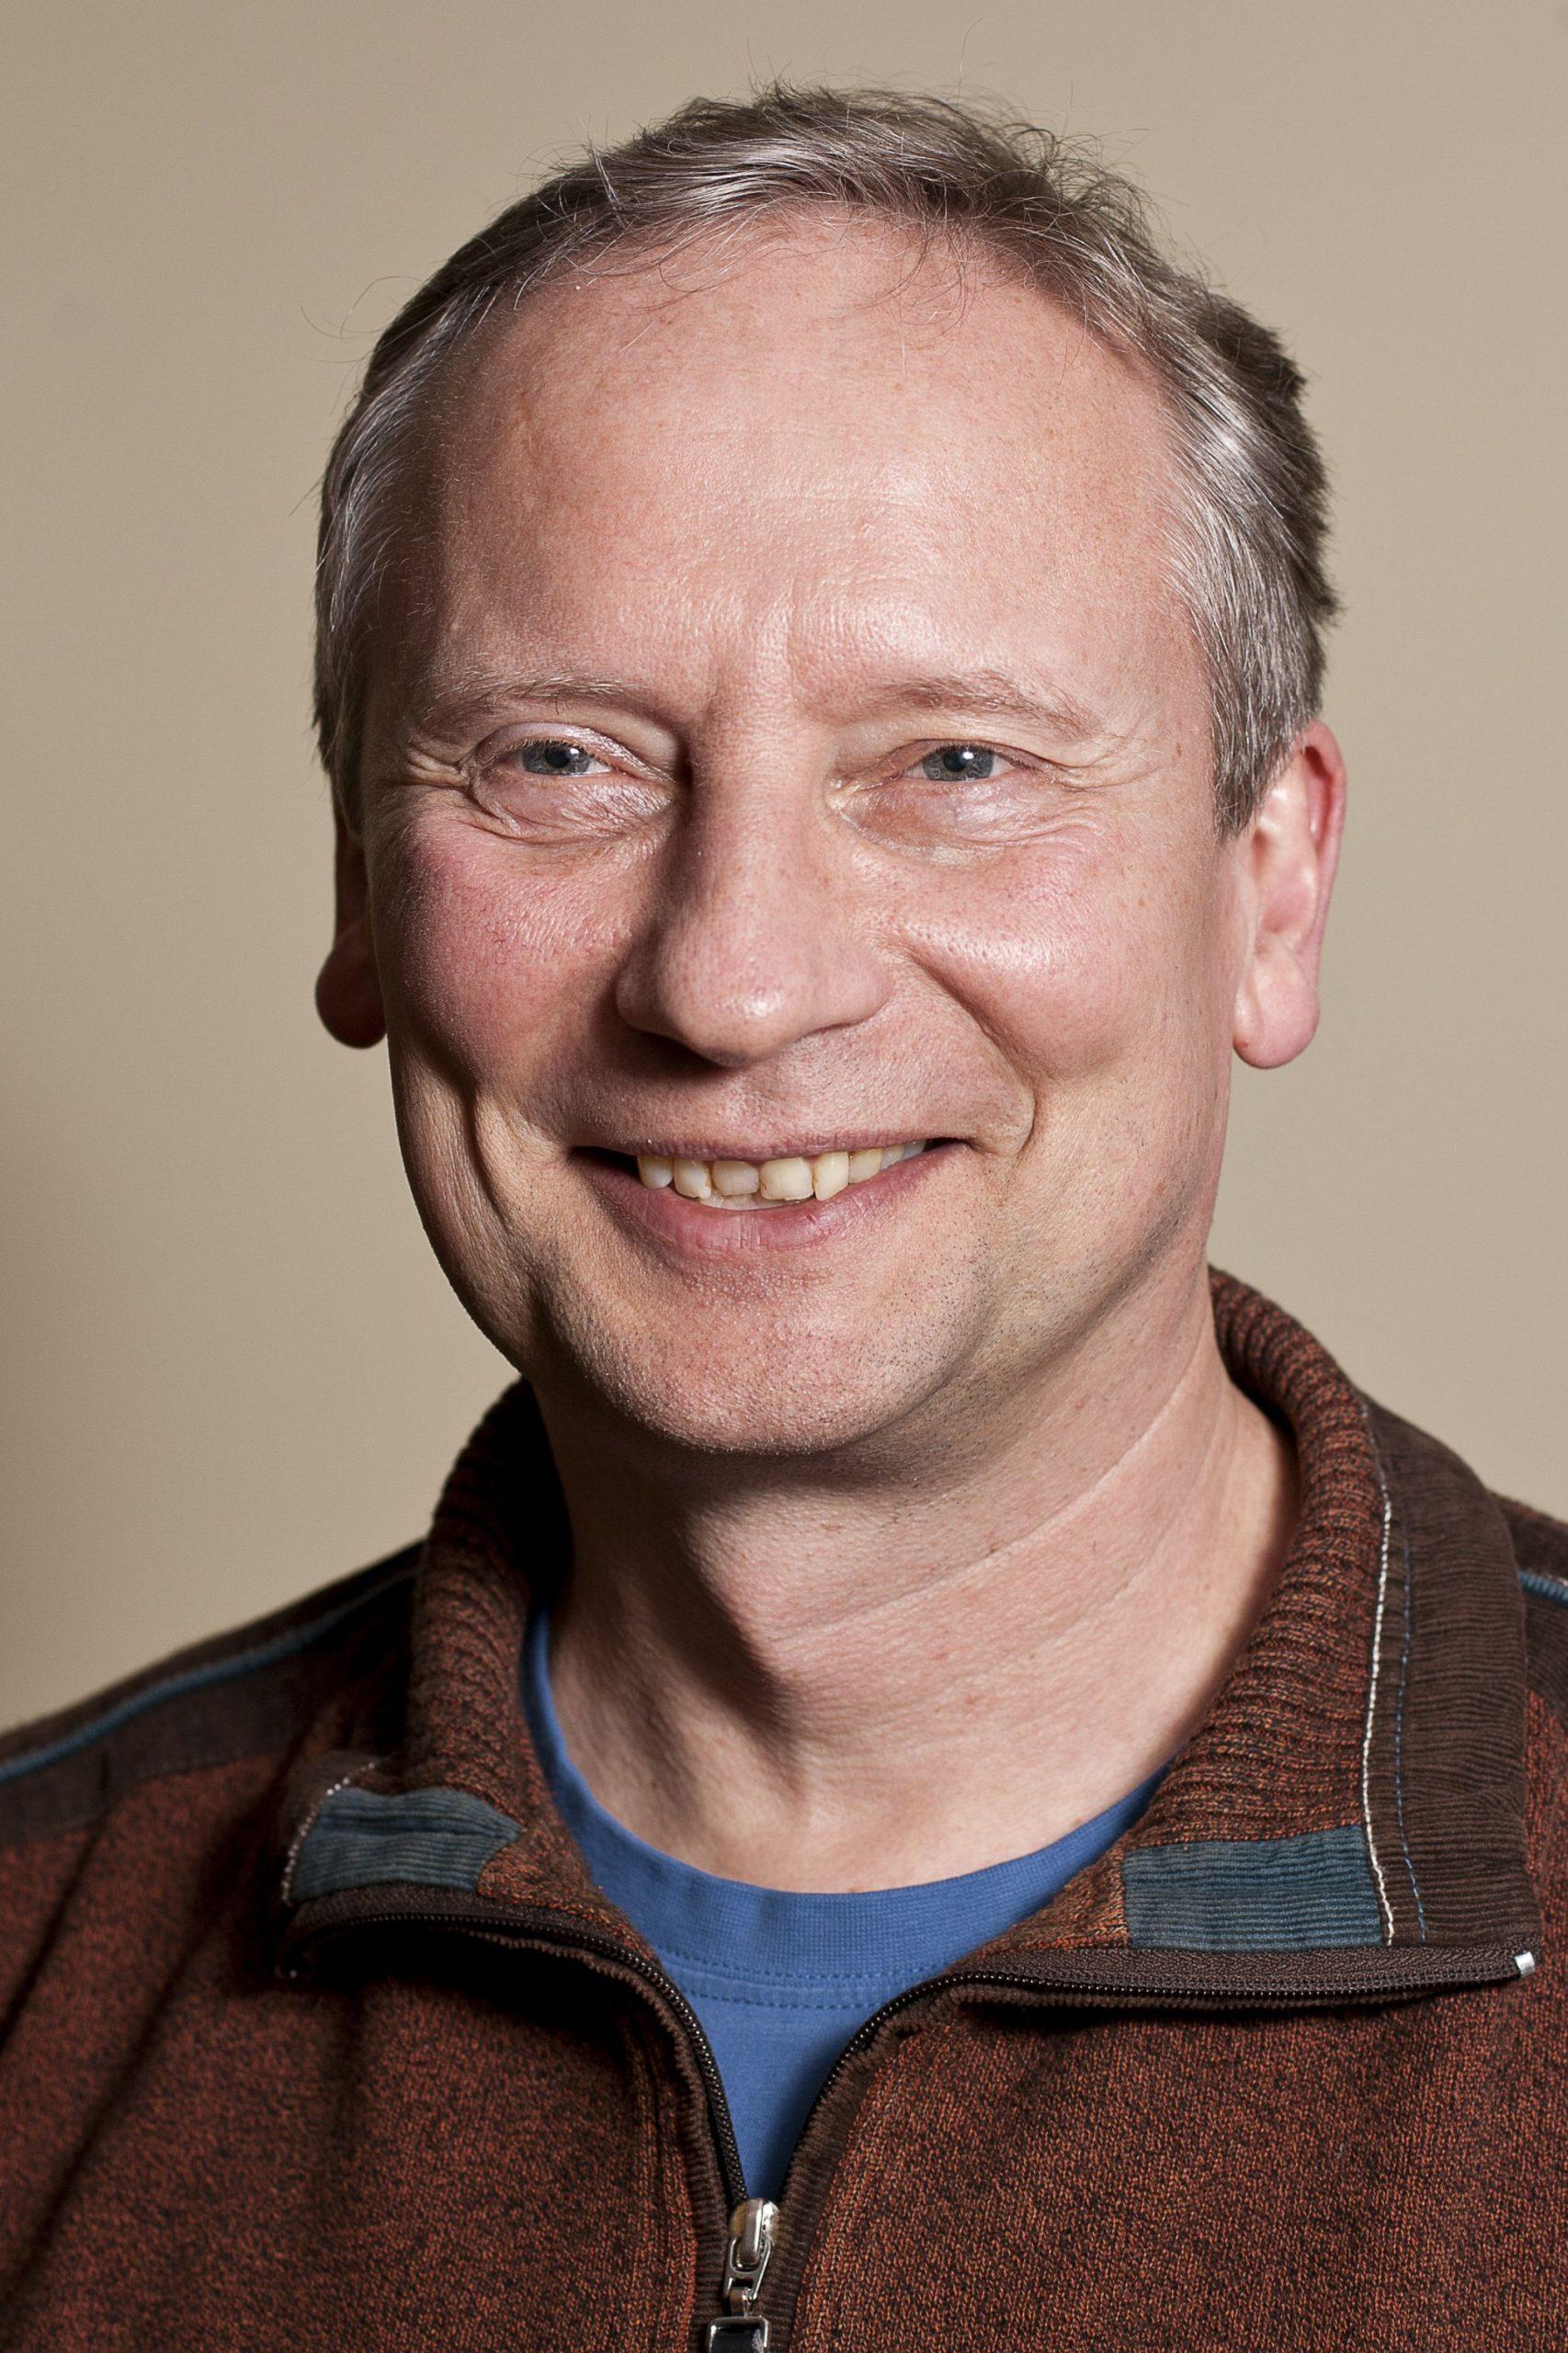 priv. -Pastor Claus Scheffler